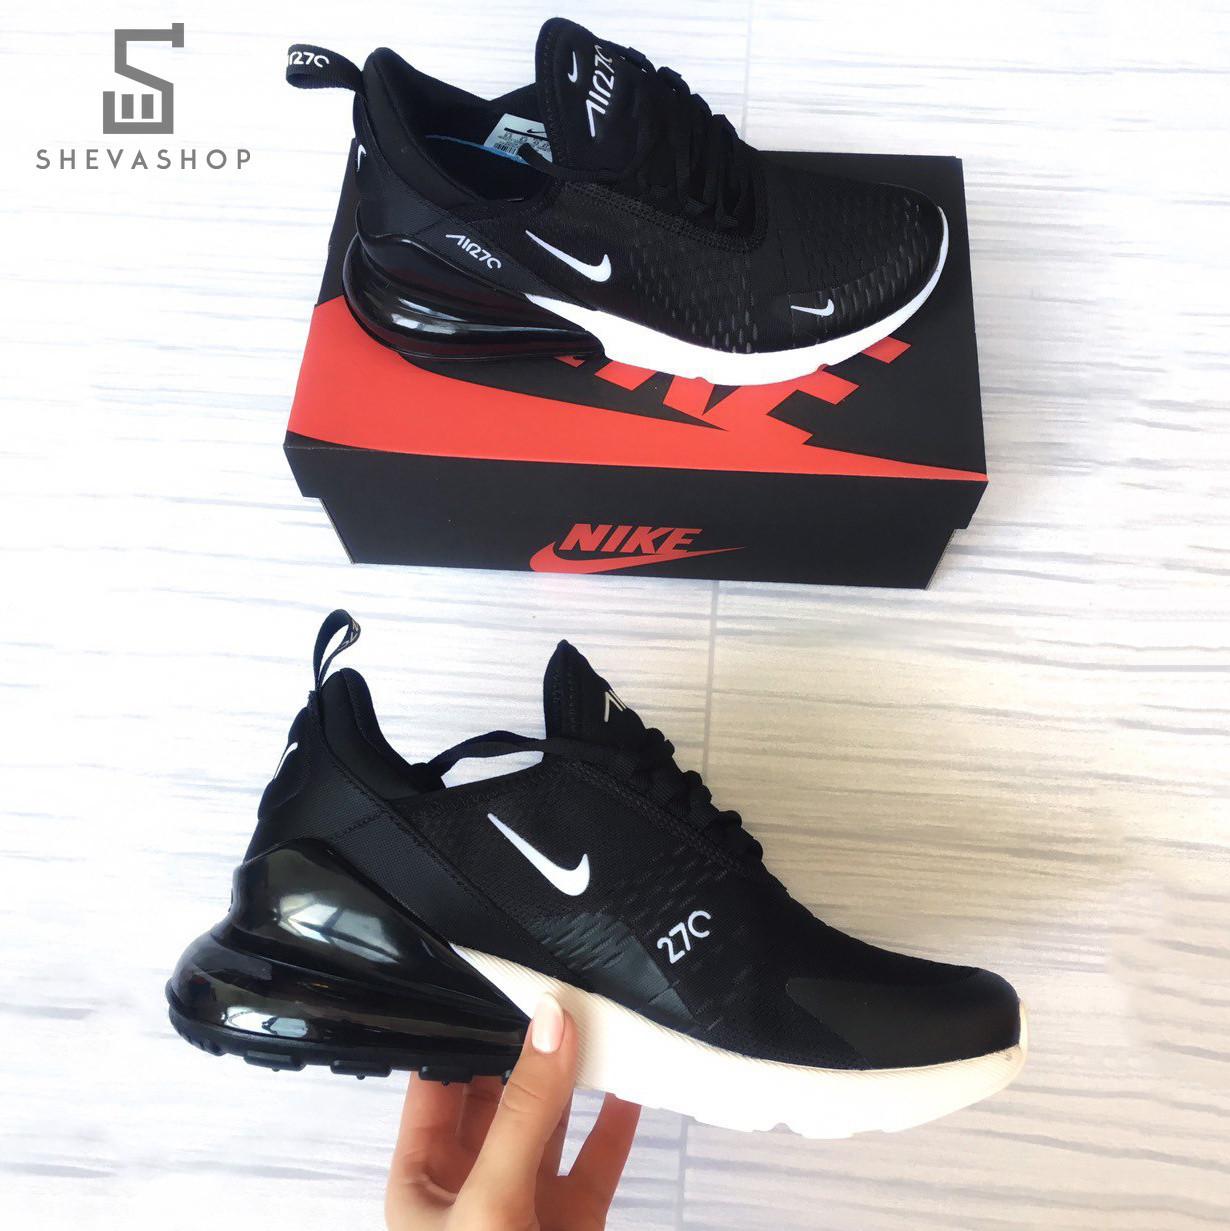 e68d0856 Мужские кроссовки N*ke Air Max 270 чёрные (копия) - купить по лучшей ...